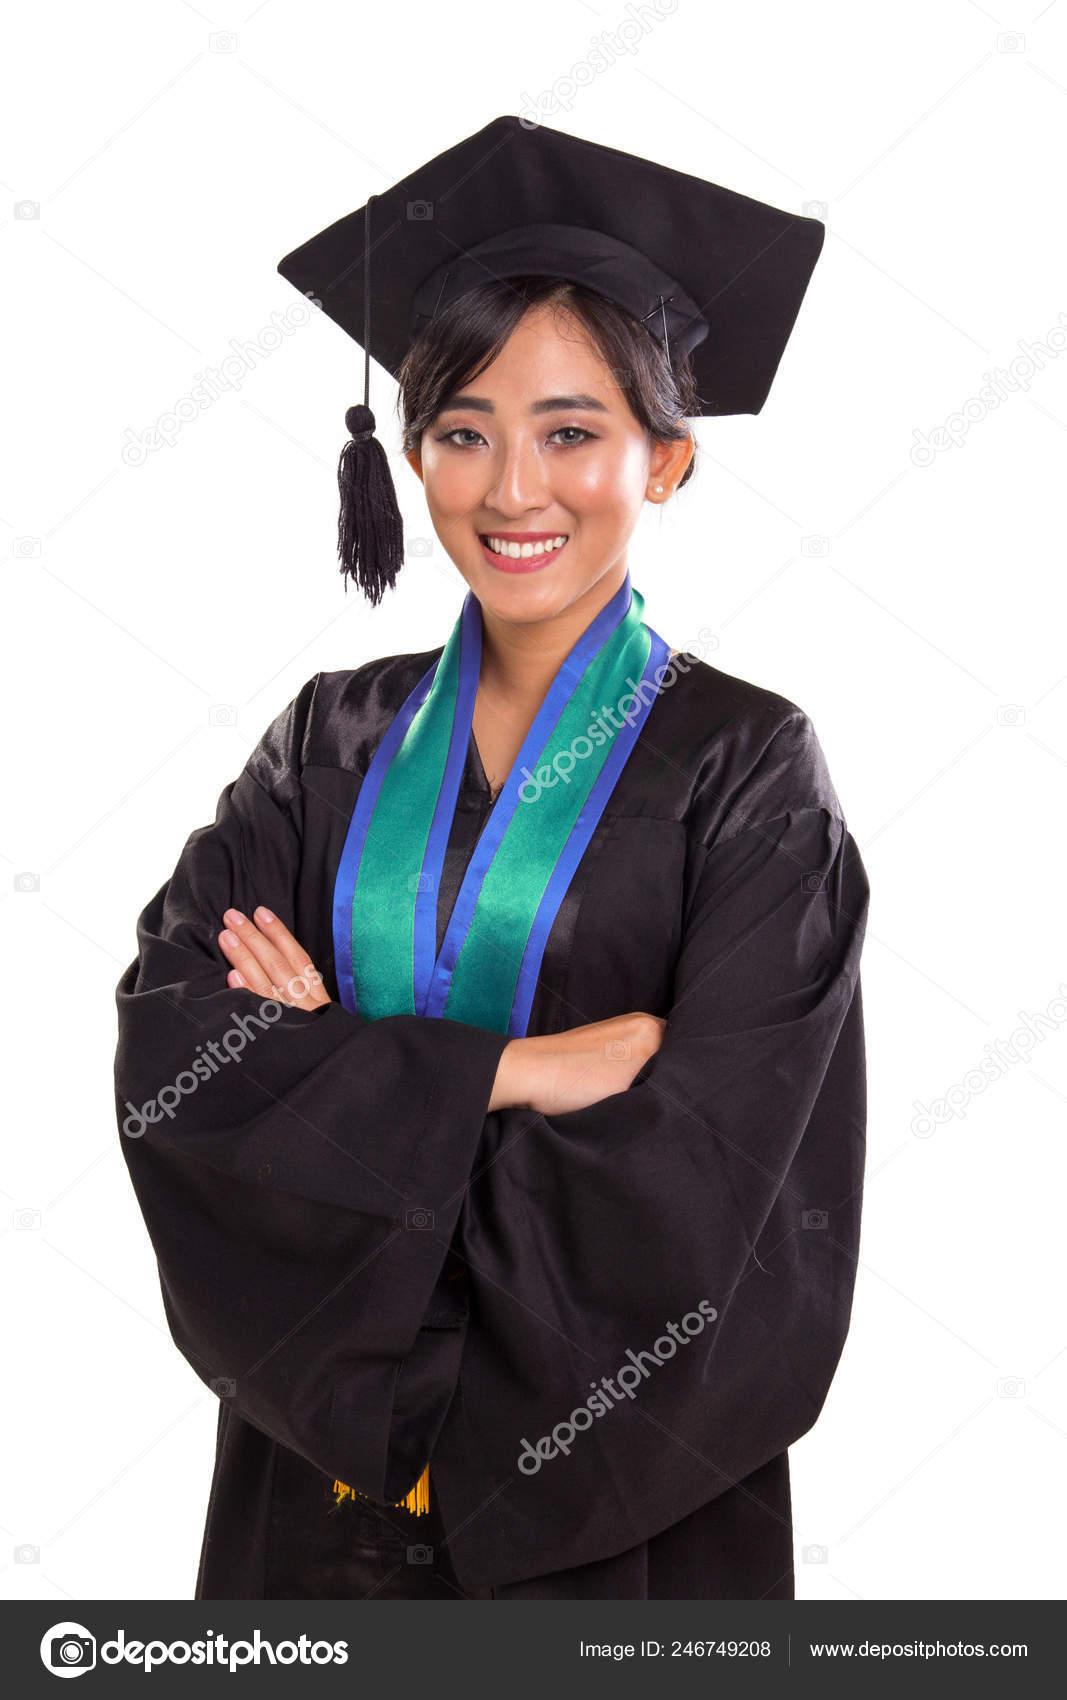 e82e32e67 Retrato de confianza estudiante mujer asiática sonriente vestida con vestido  de la graduación y tapa